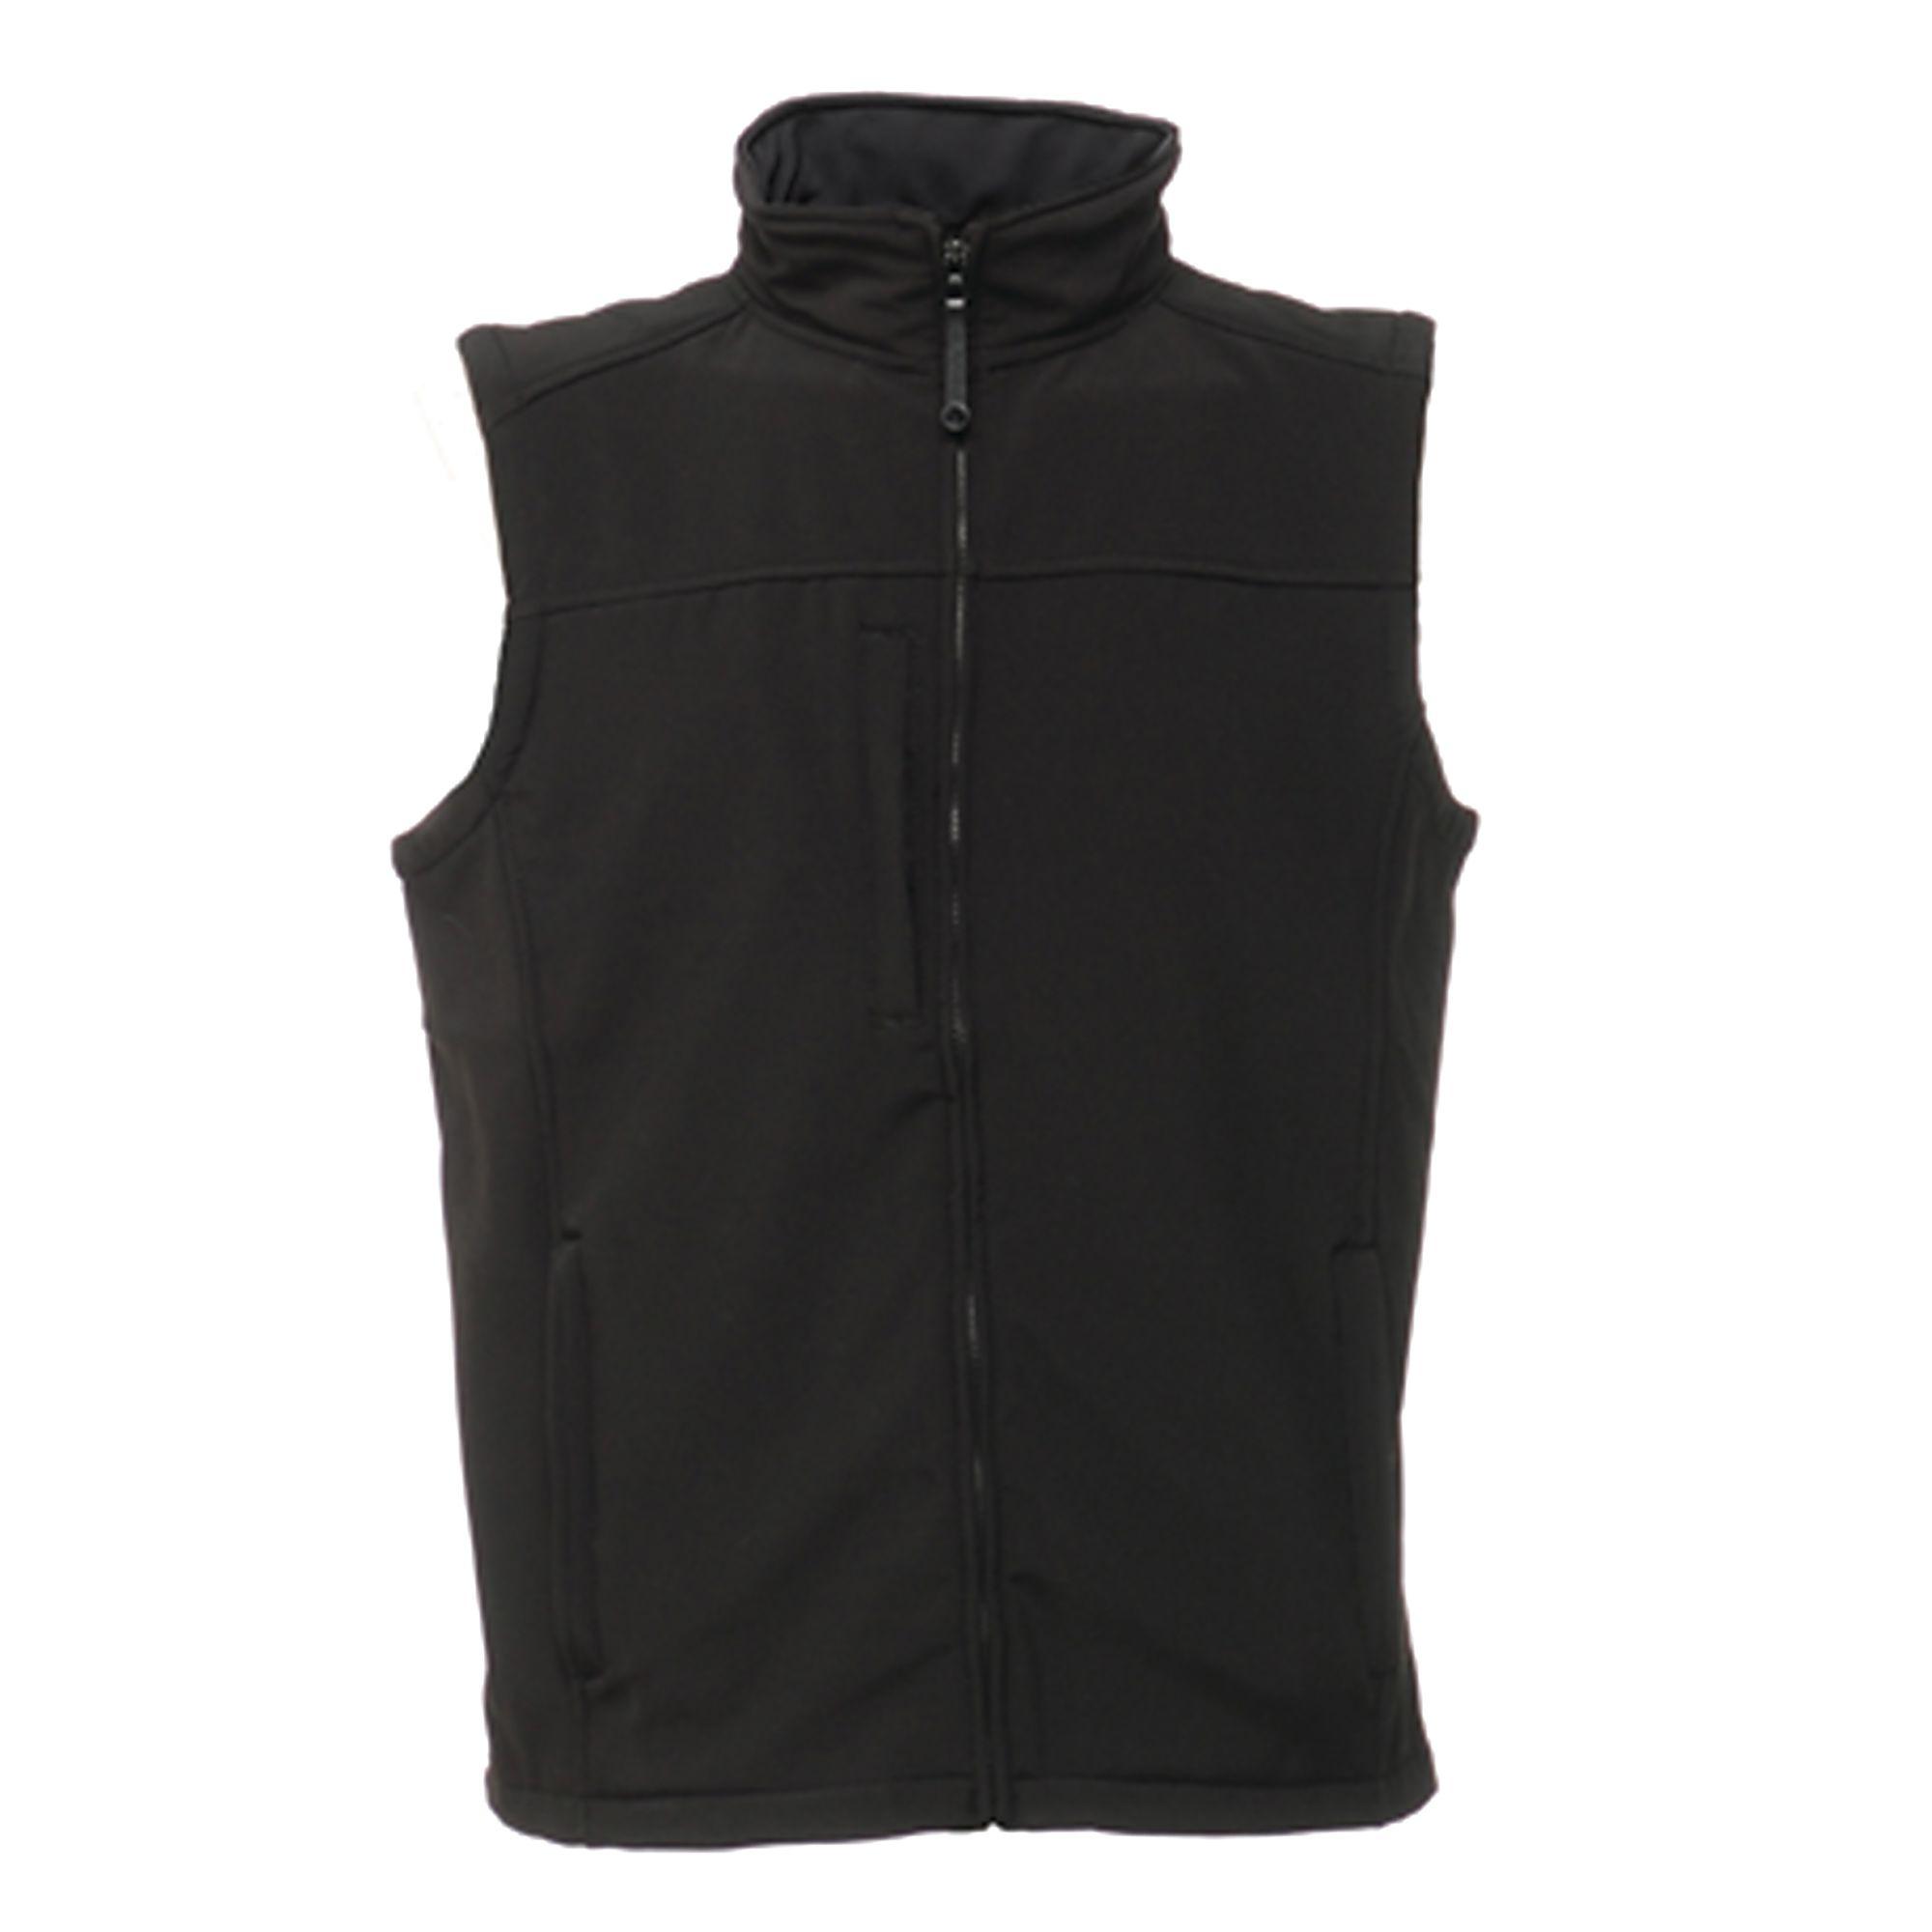 Regatta Mens Flux Softshell Bodywarmer Sleeveless Jacket